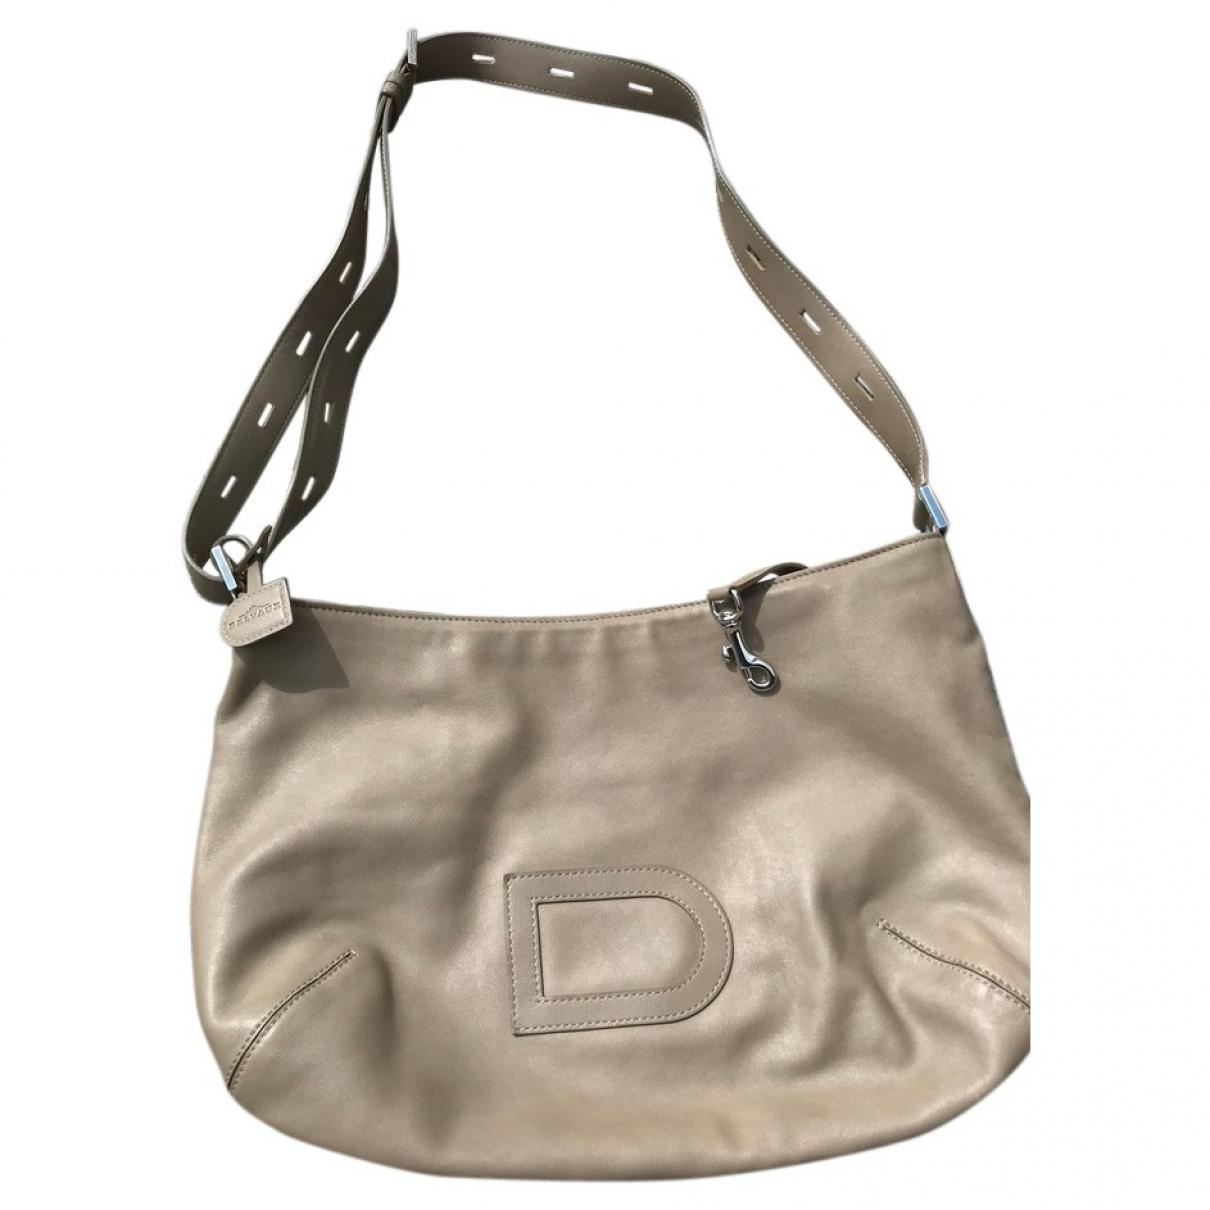 Delvaux - Sac a main   pour femme en cuir - gris